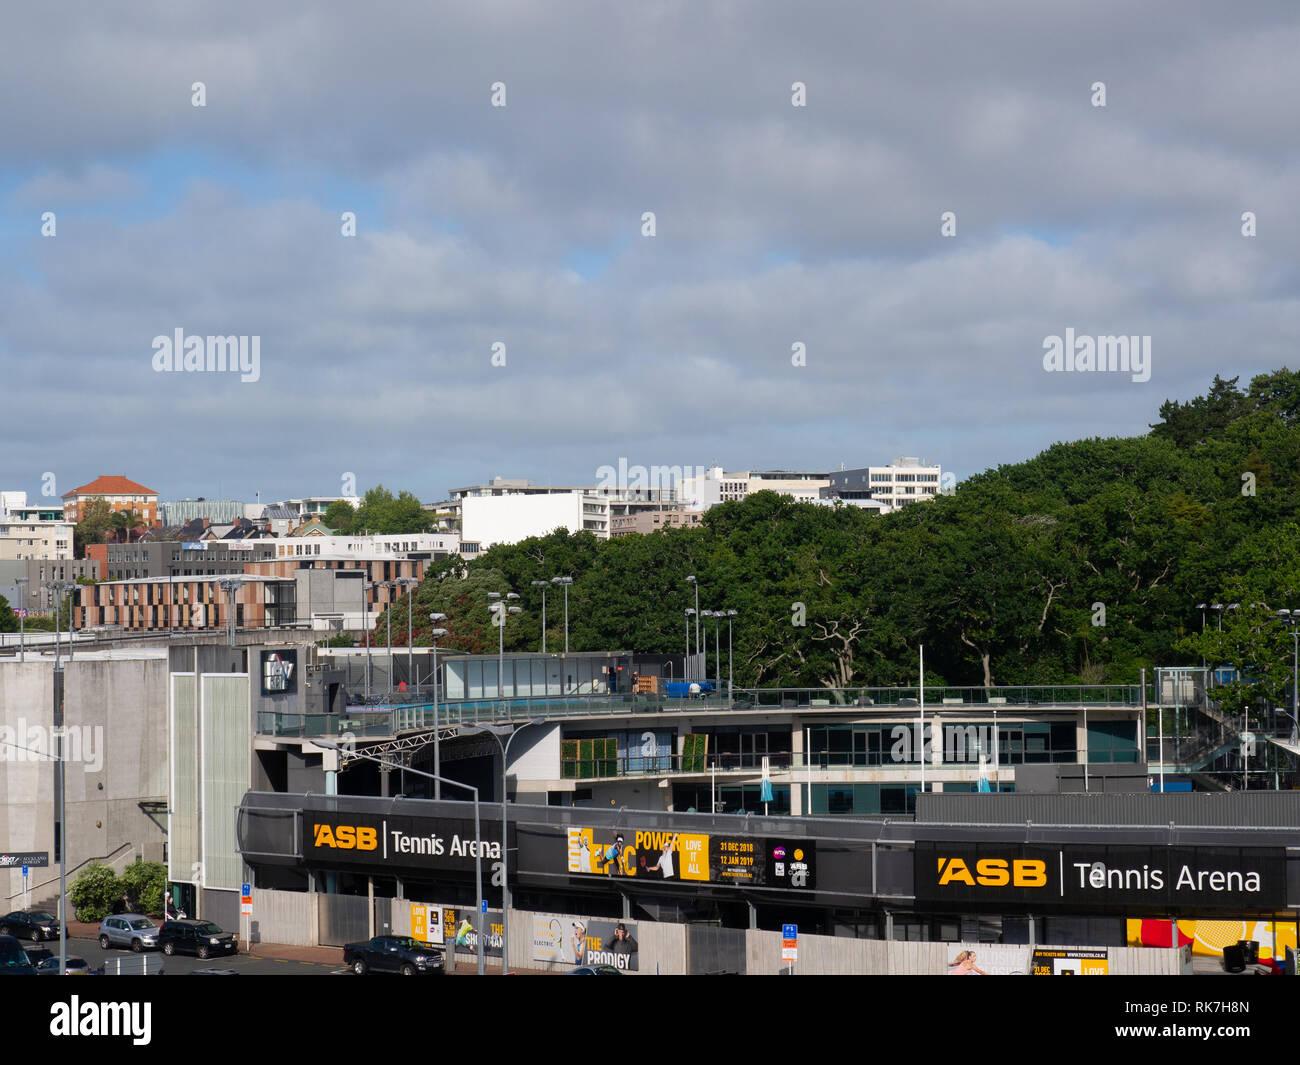 Asb Stock Photos & Asb Stock Images - Alamy